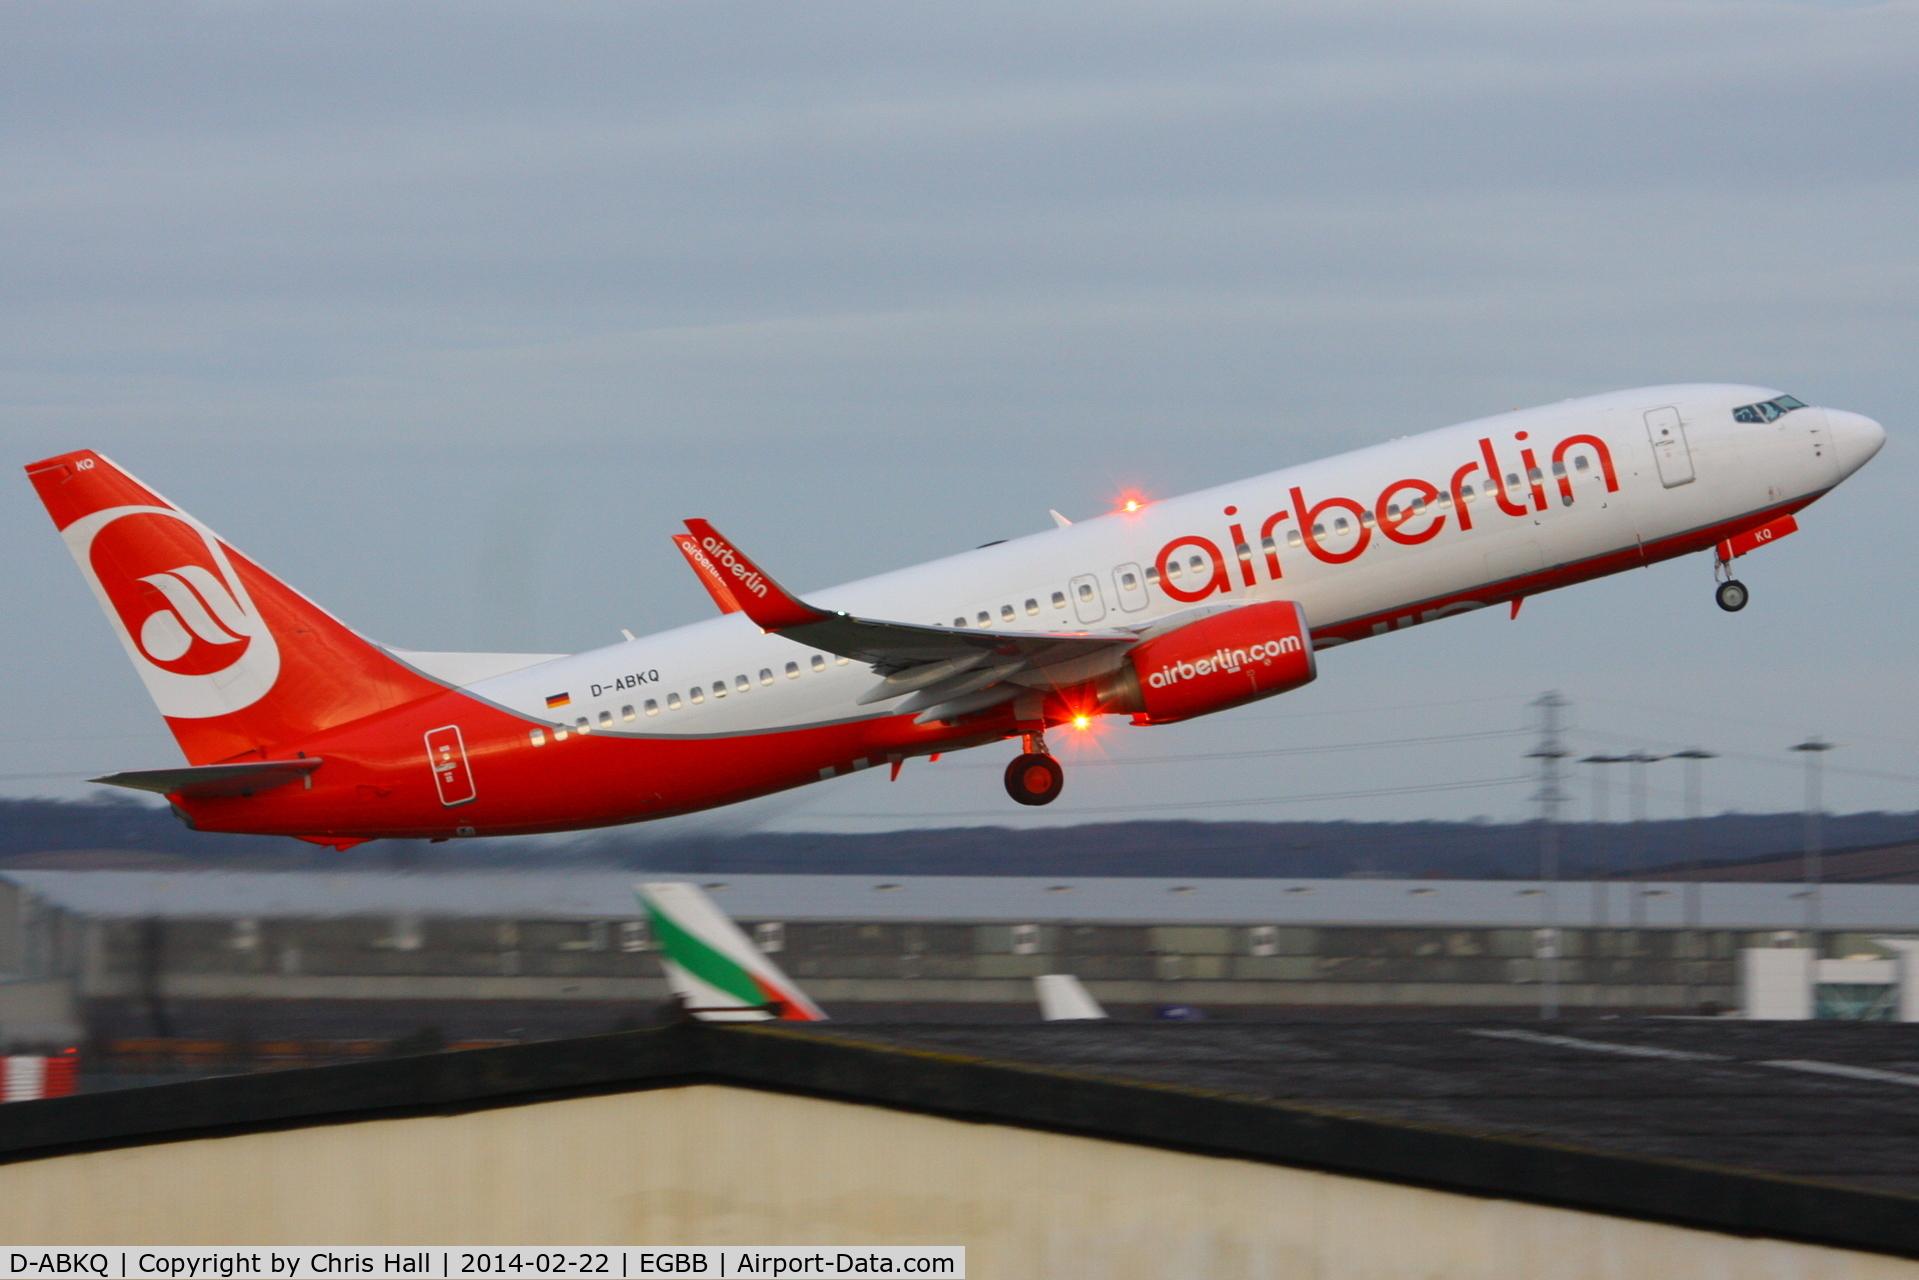 D-ABKQ, 2011 Boeing 737-86J C/N 37760, Air Berlin